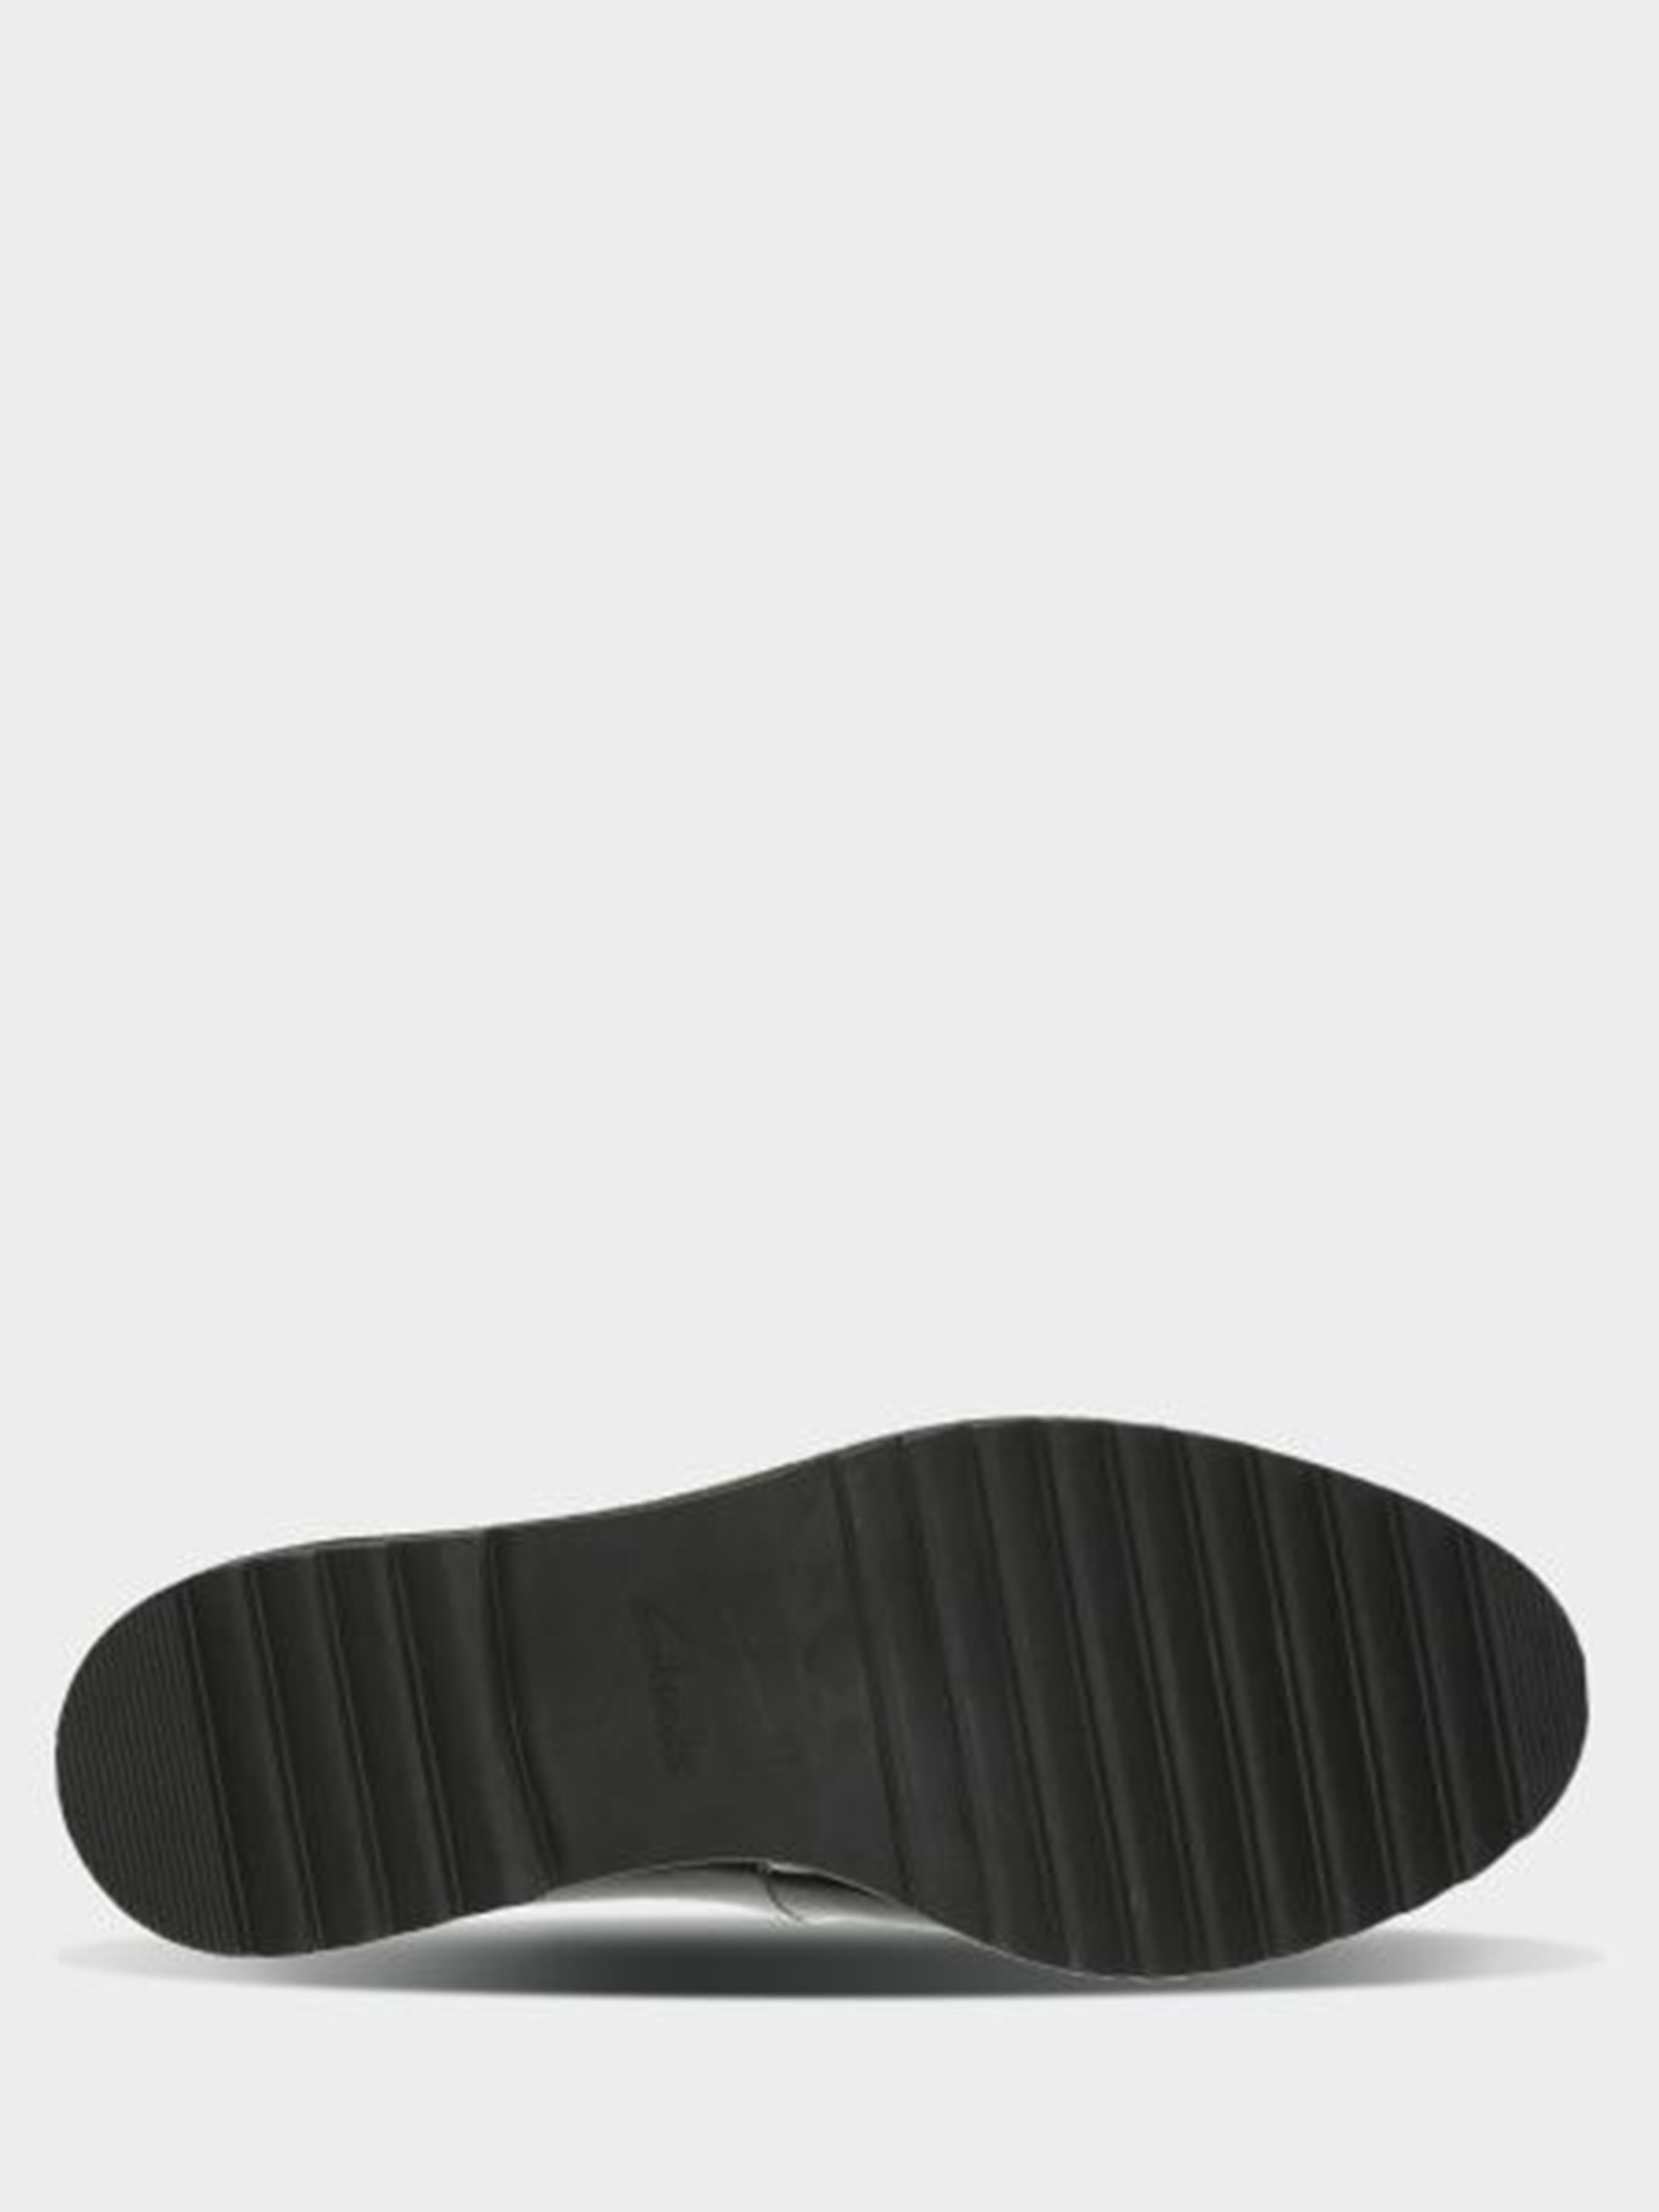 Туфли для женщин Clarks Griffin Milly OW4190 купить в Интертоп, 2017